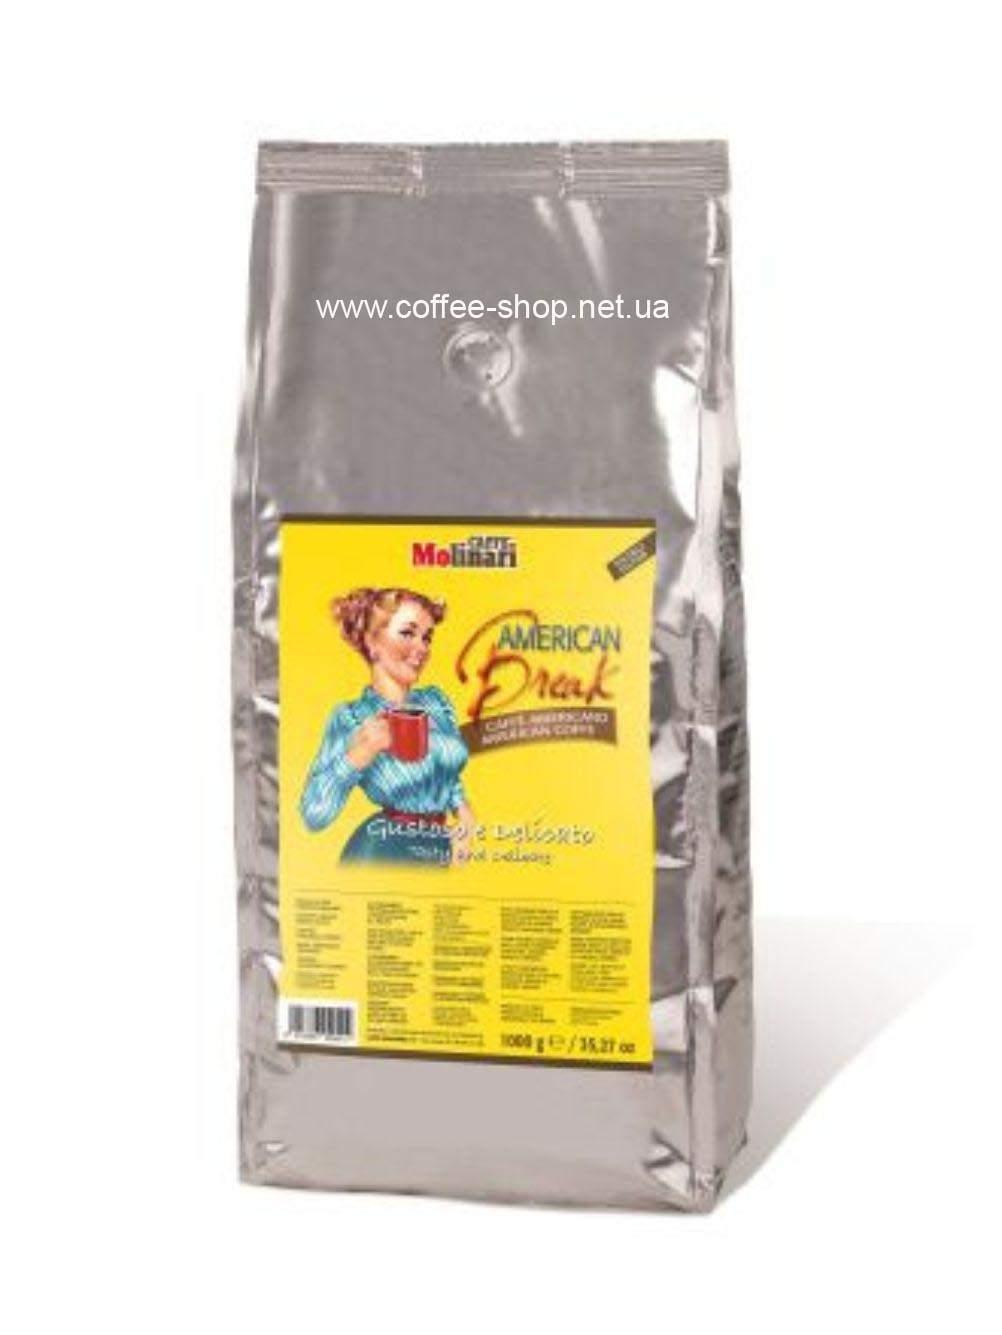 9901 | Кофе молотый Molinari FILTER COFFEE Americano 1 кг | Coffee Shop